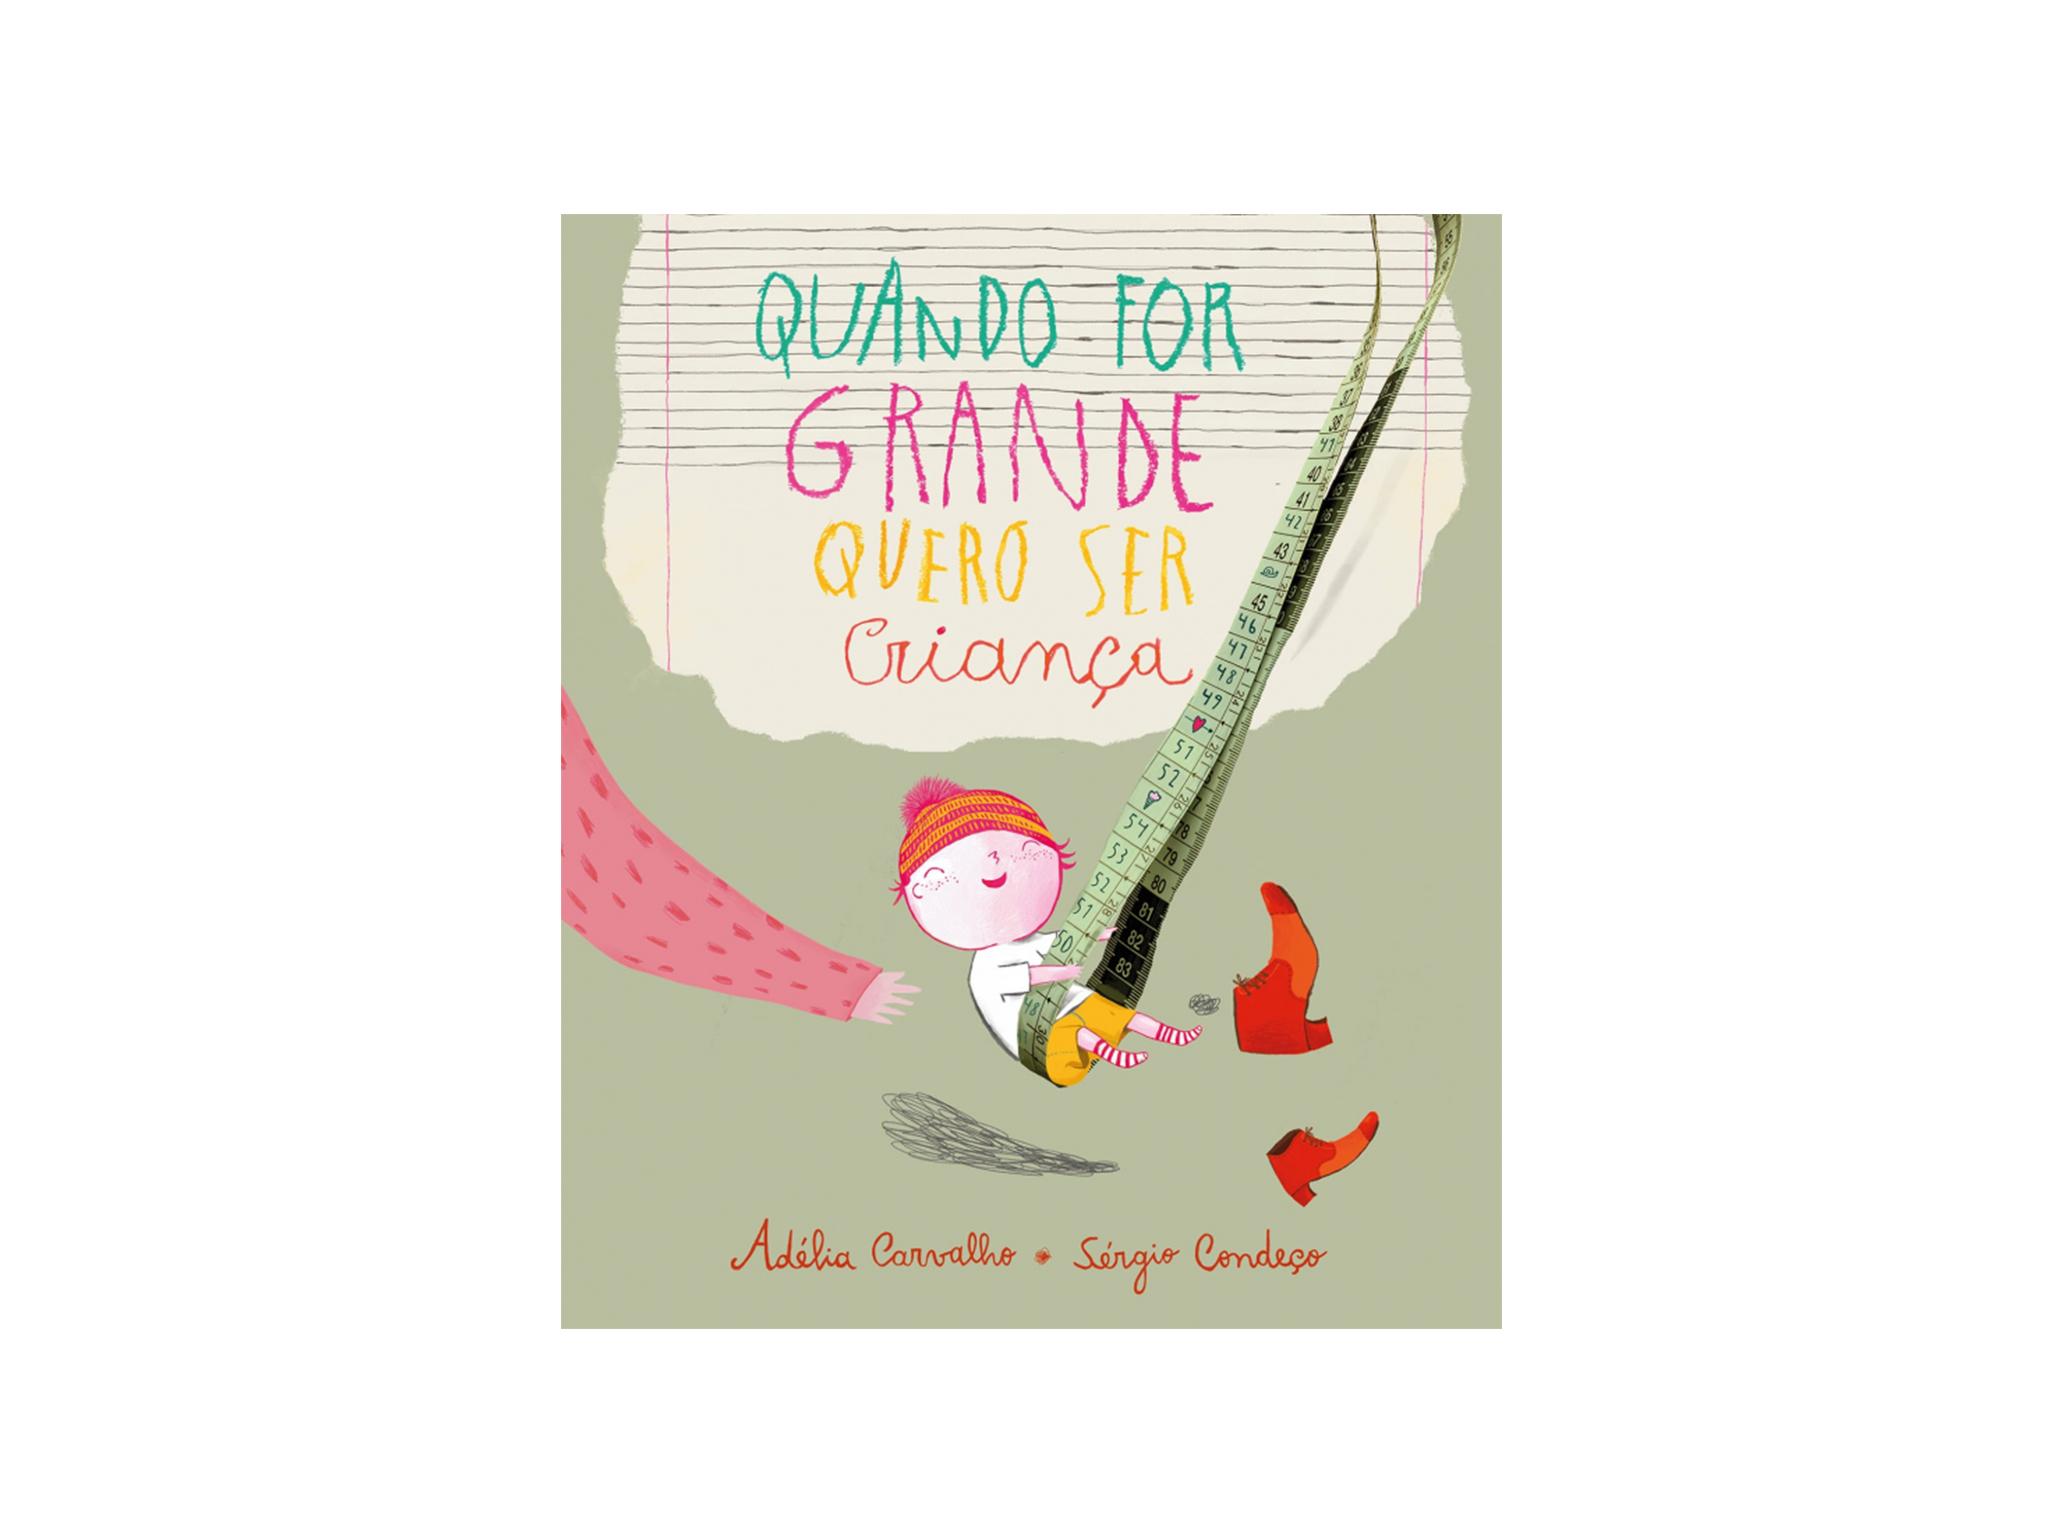 Livro, Infanto-Juvenil, Adélia Carvalho, Quando for grande quero ser criança